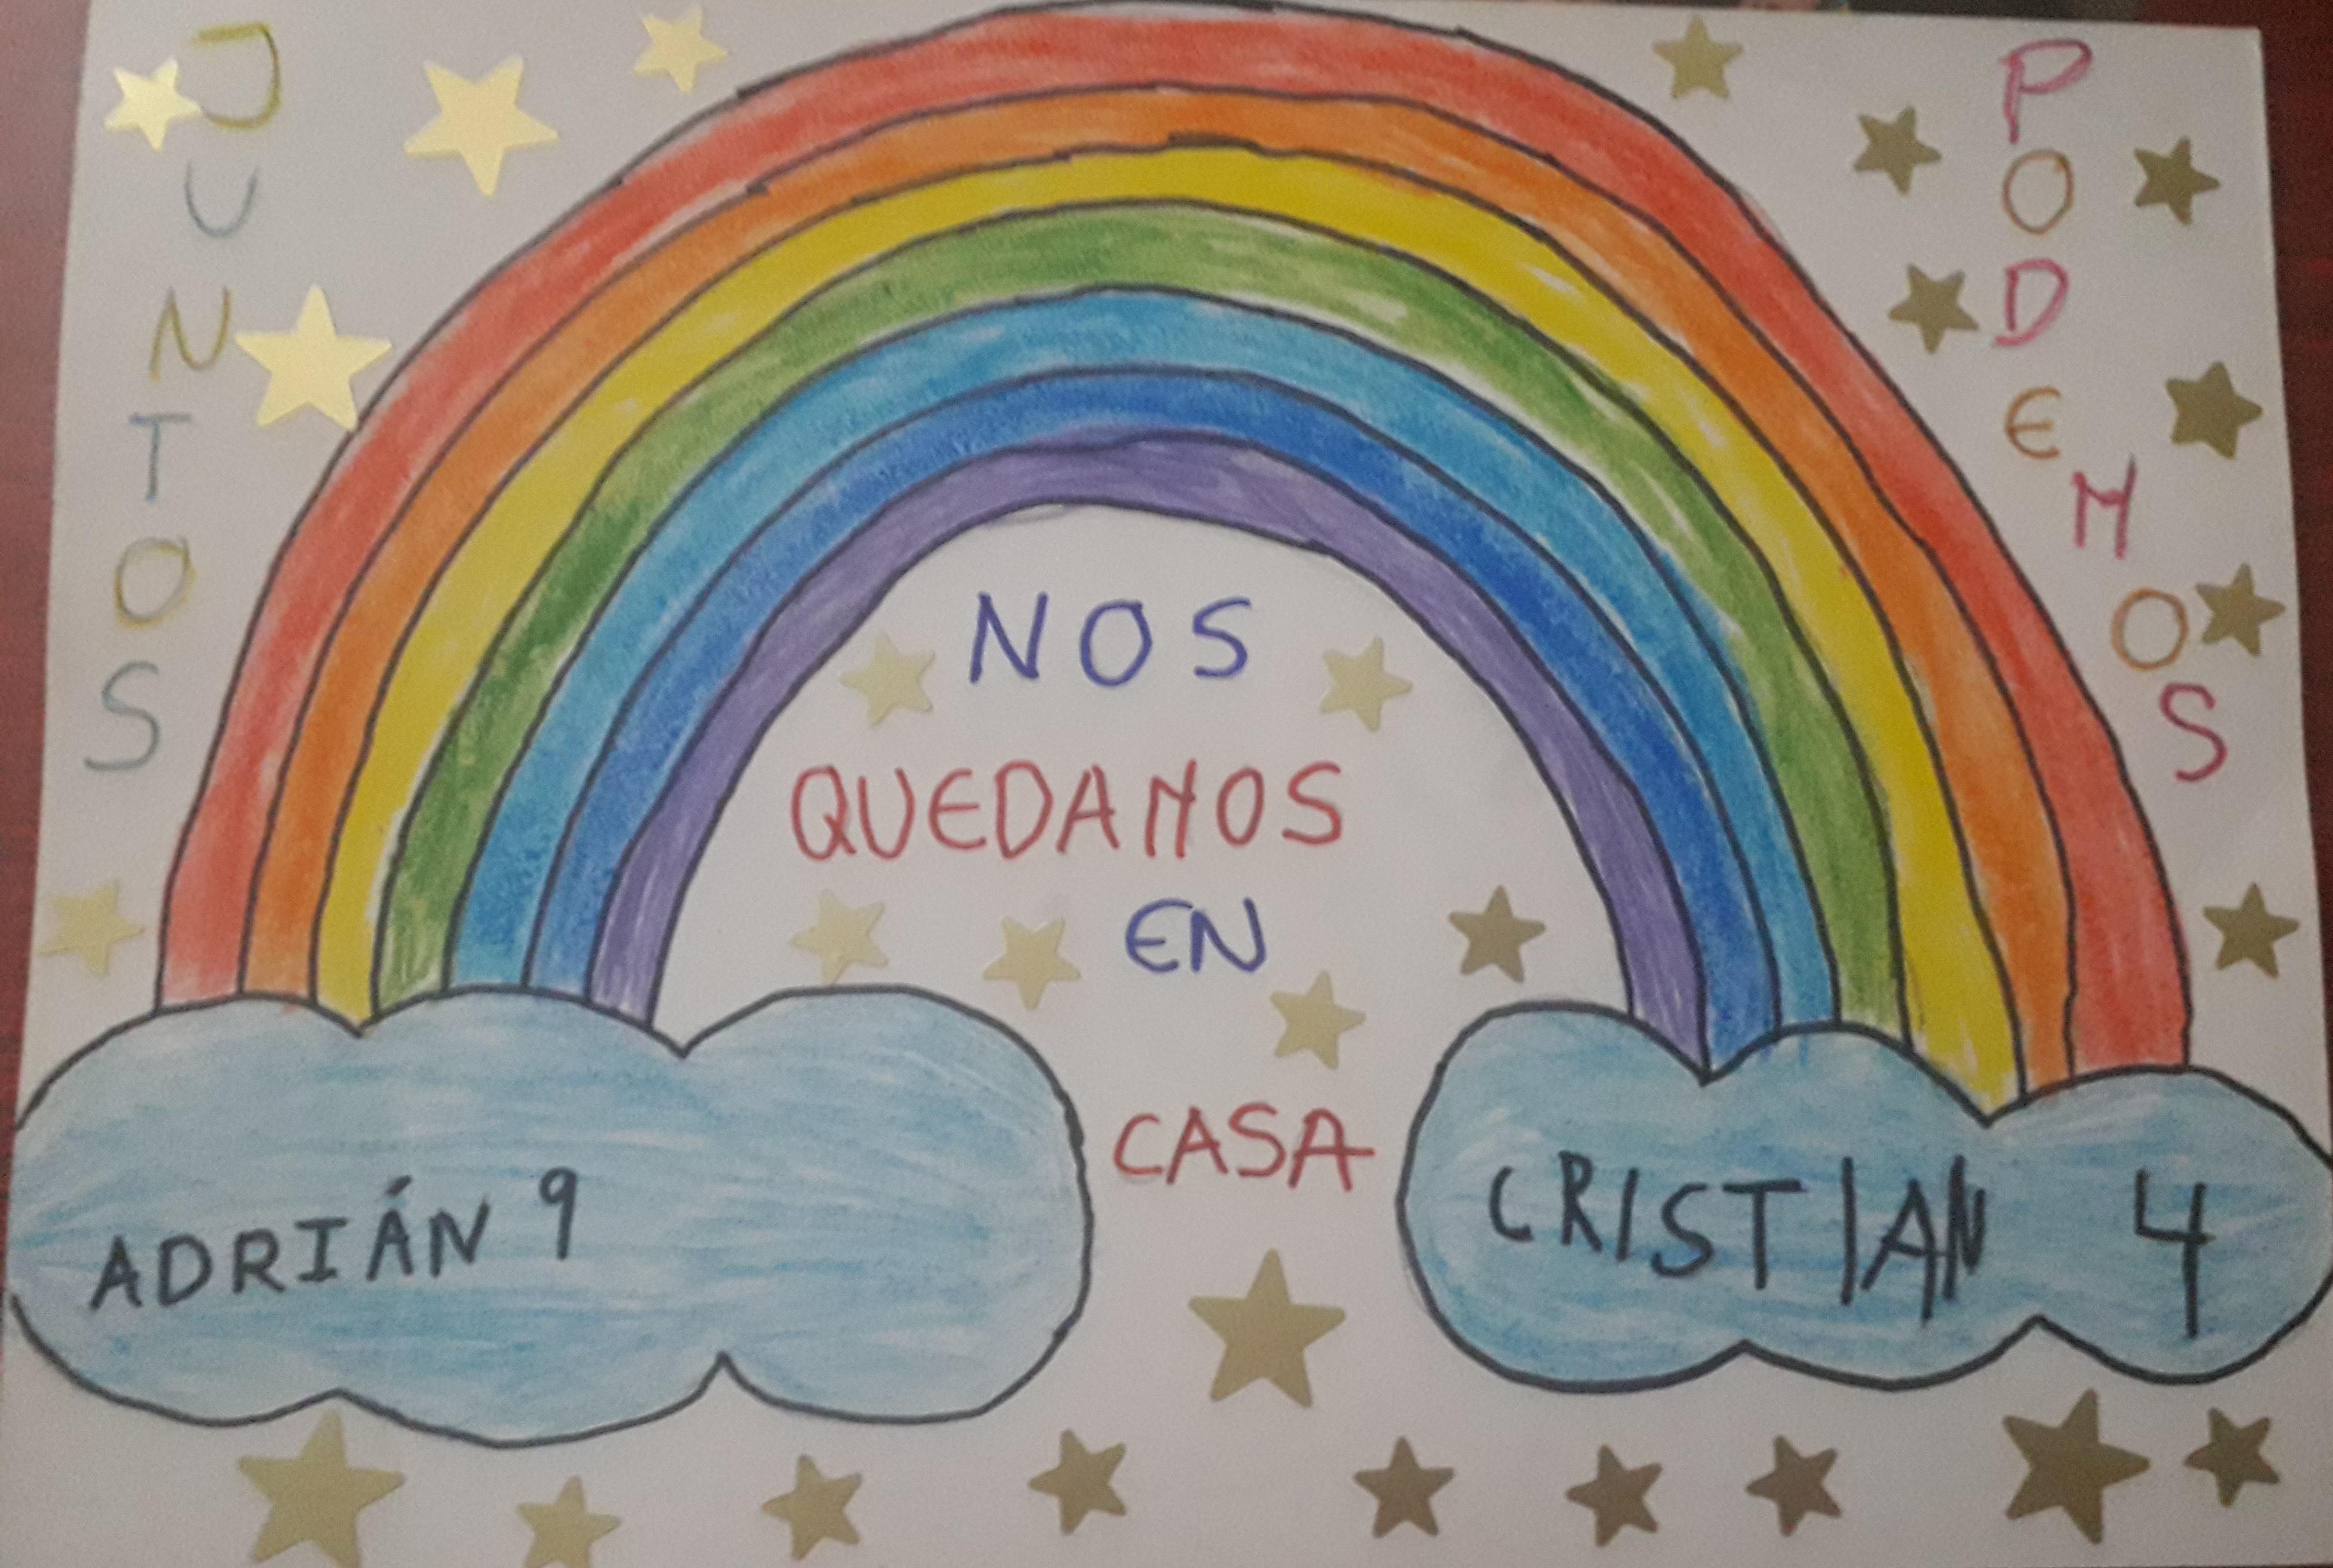 Adrián, 9 años y Cristian, 4 años.